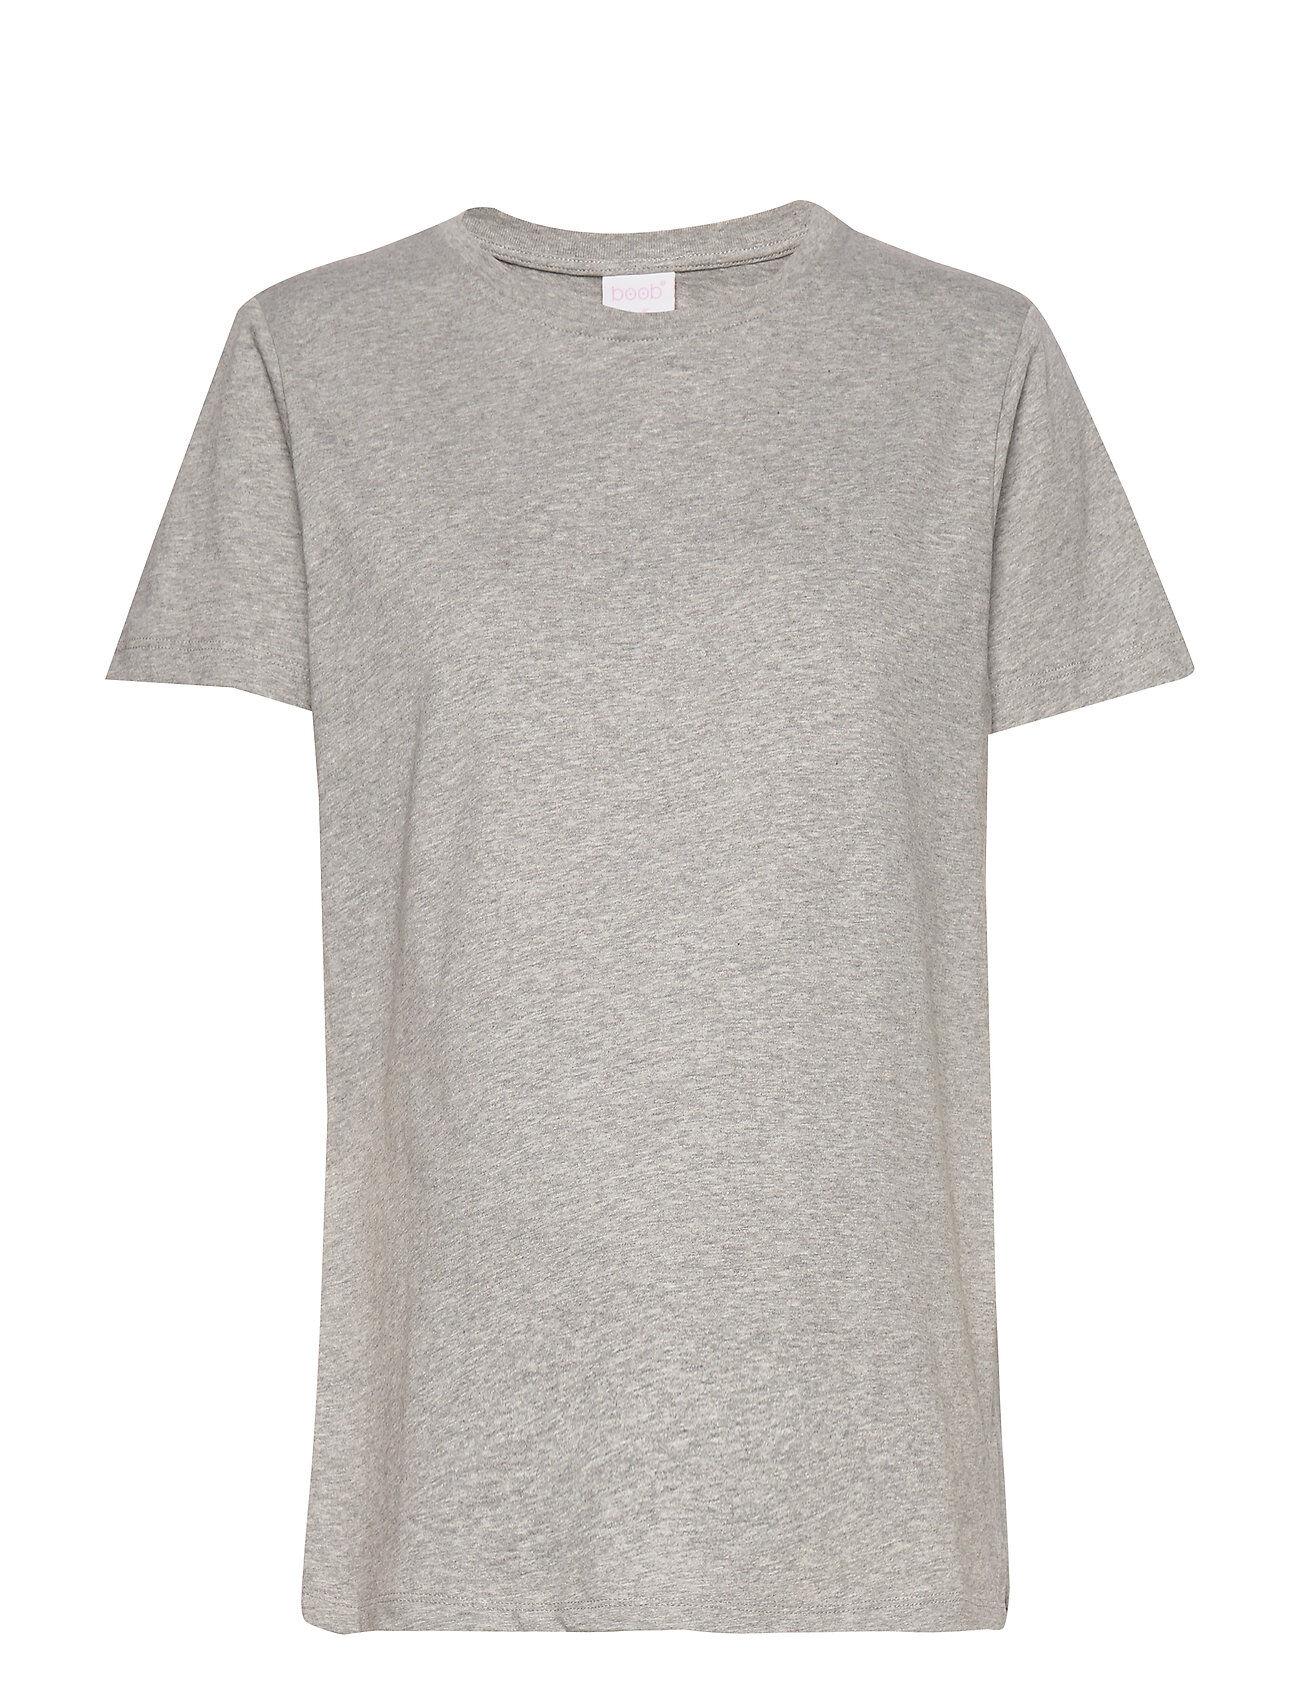 Boob The-Shirt T-shirts & Tops Short-sleeved Harmaa Boob